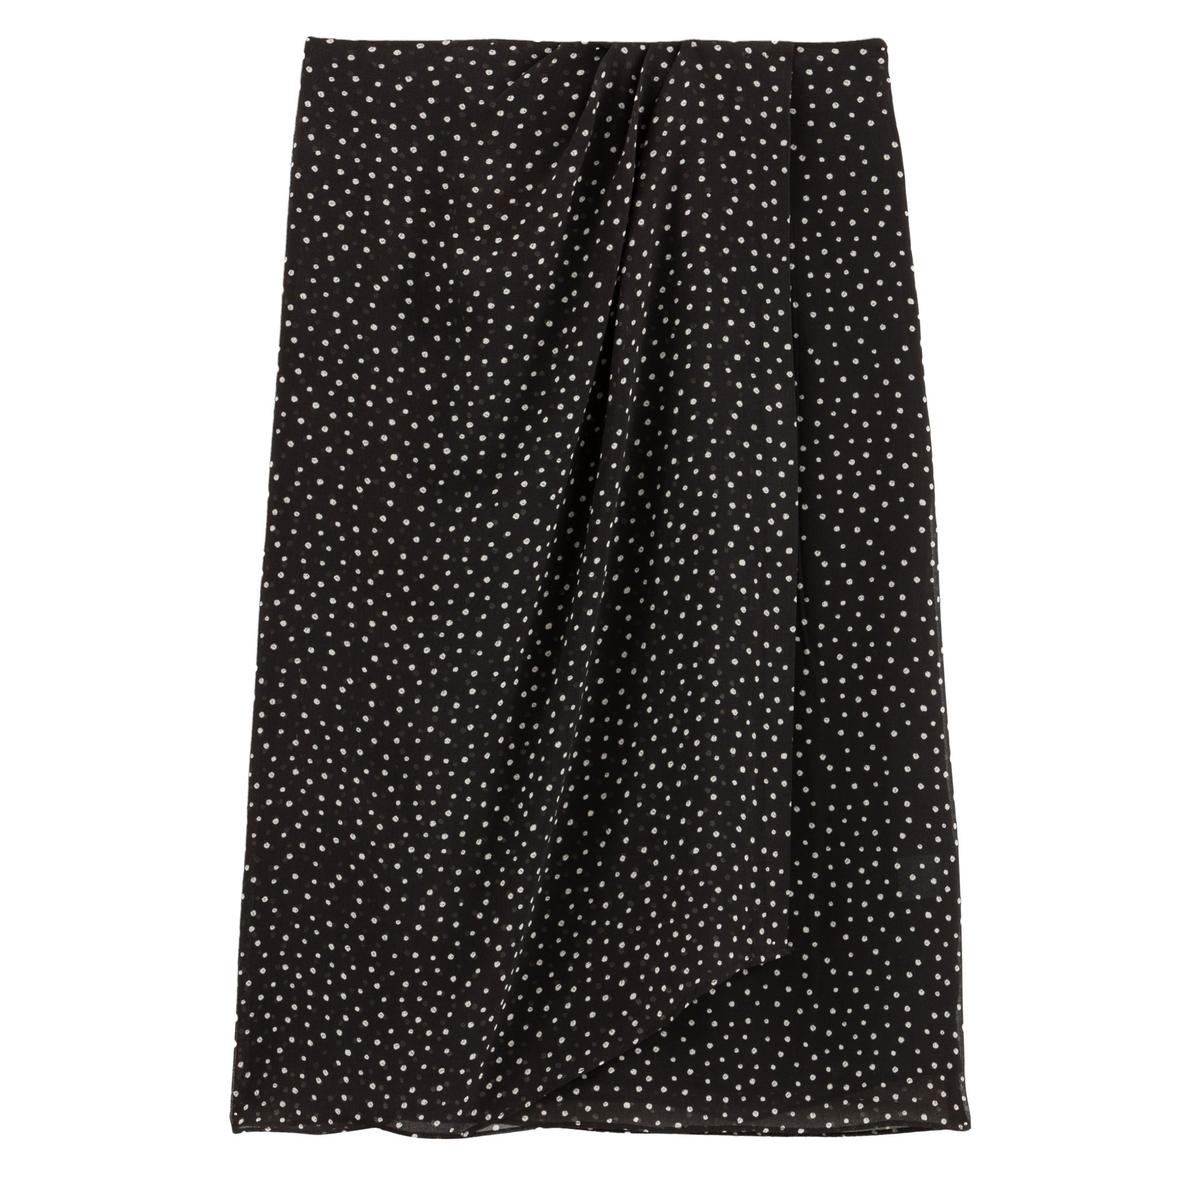 Falda recta con estampado de lunares, efecto drapeado